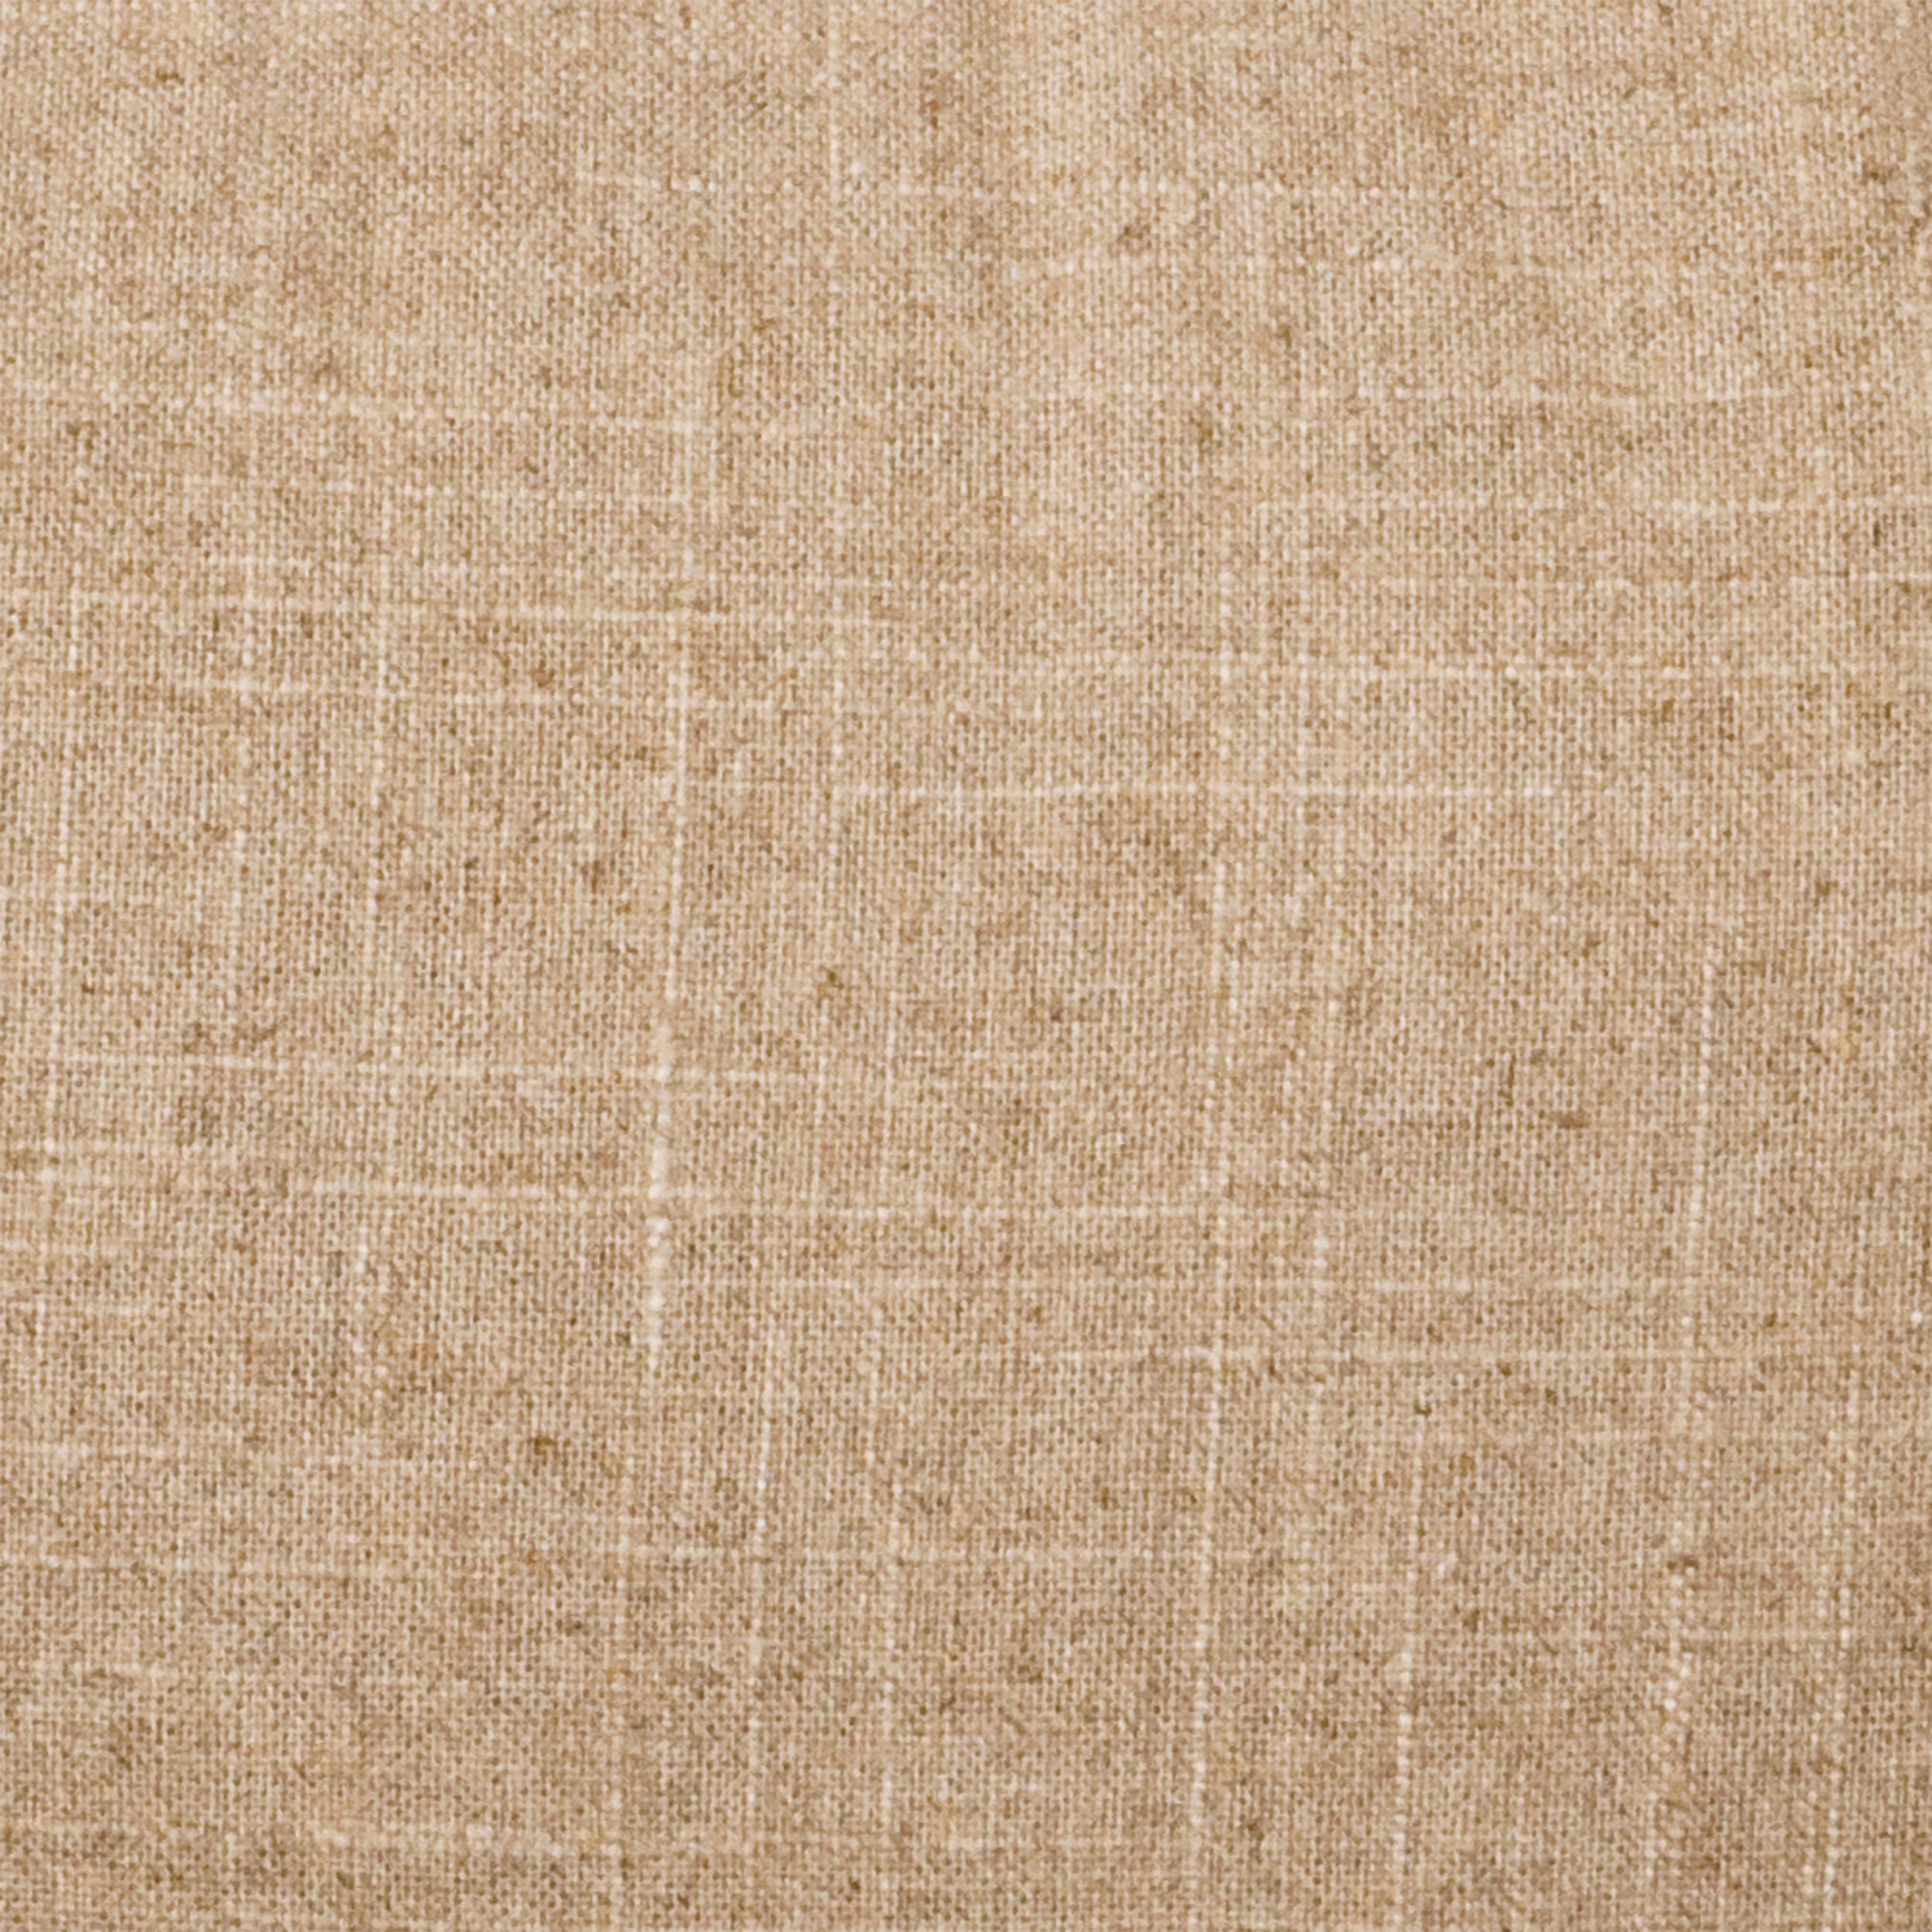 Linen Natural